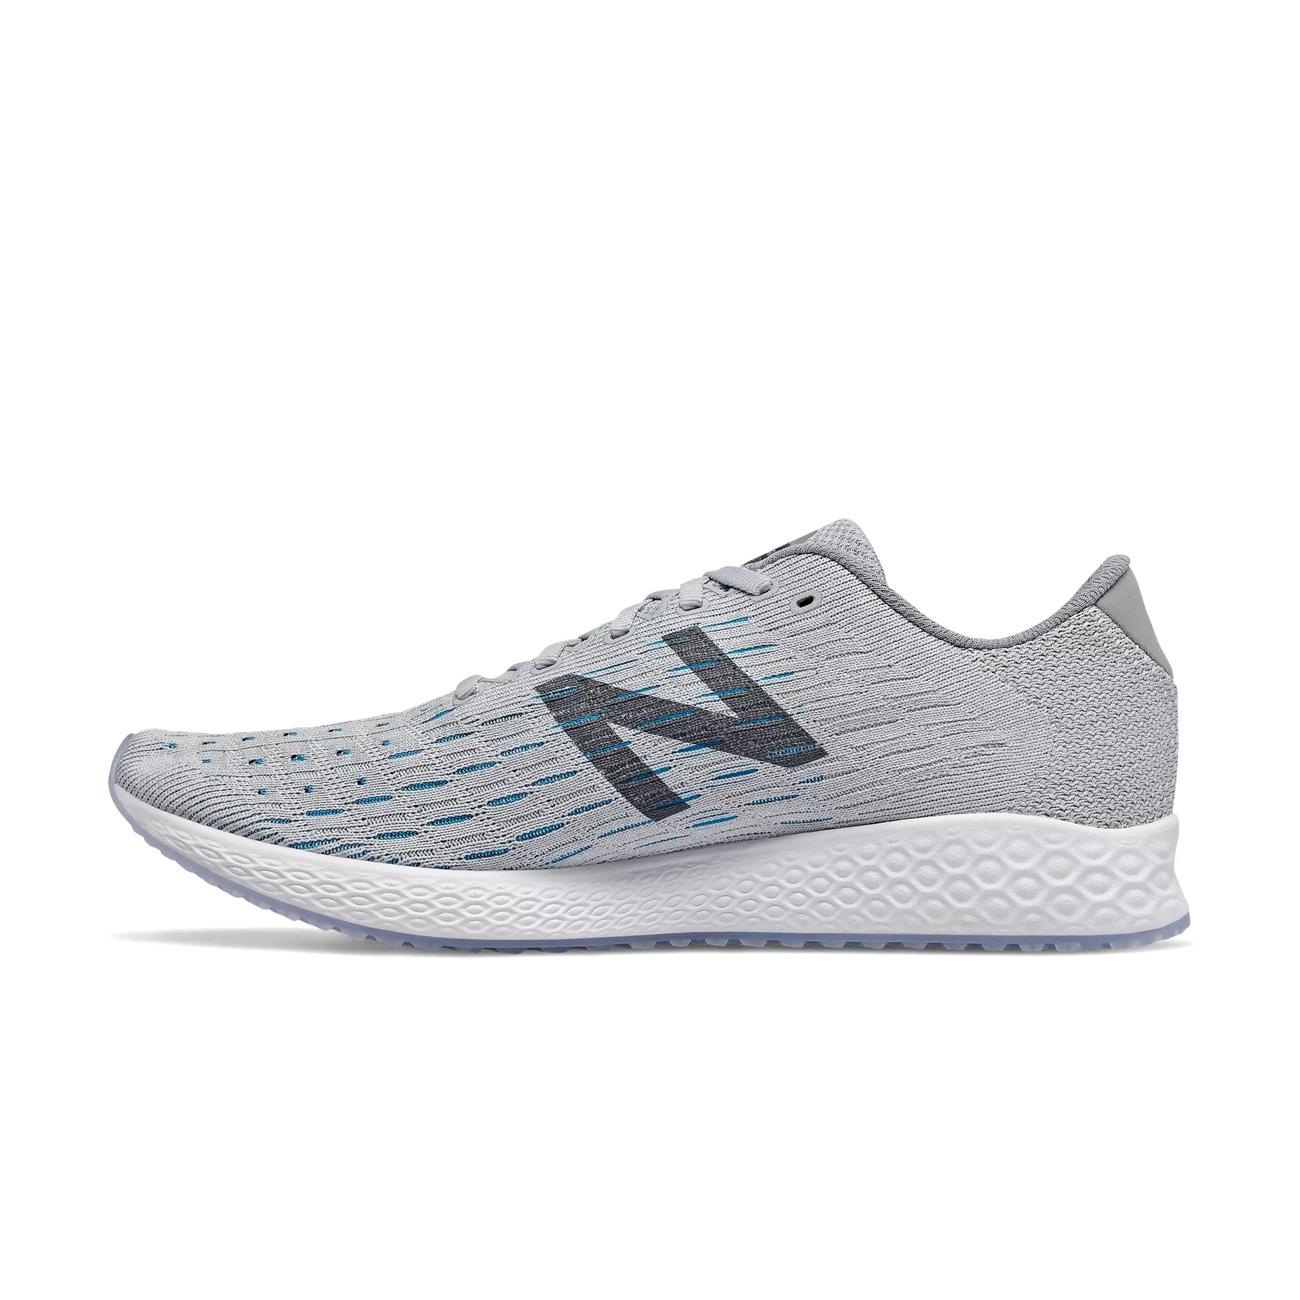 192a4e9929 New Balance Men's Fresh Foam Zante Pursuit Running Shoe - Light Aluminum /Steel